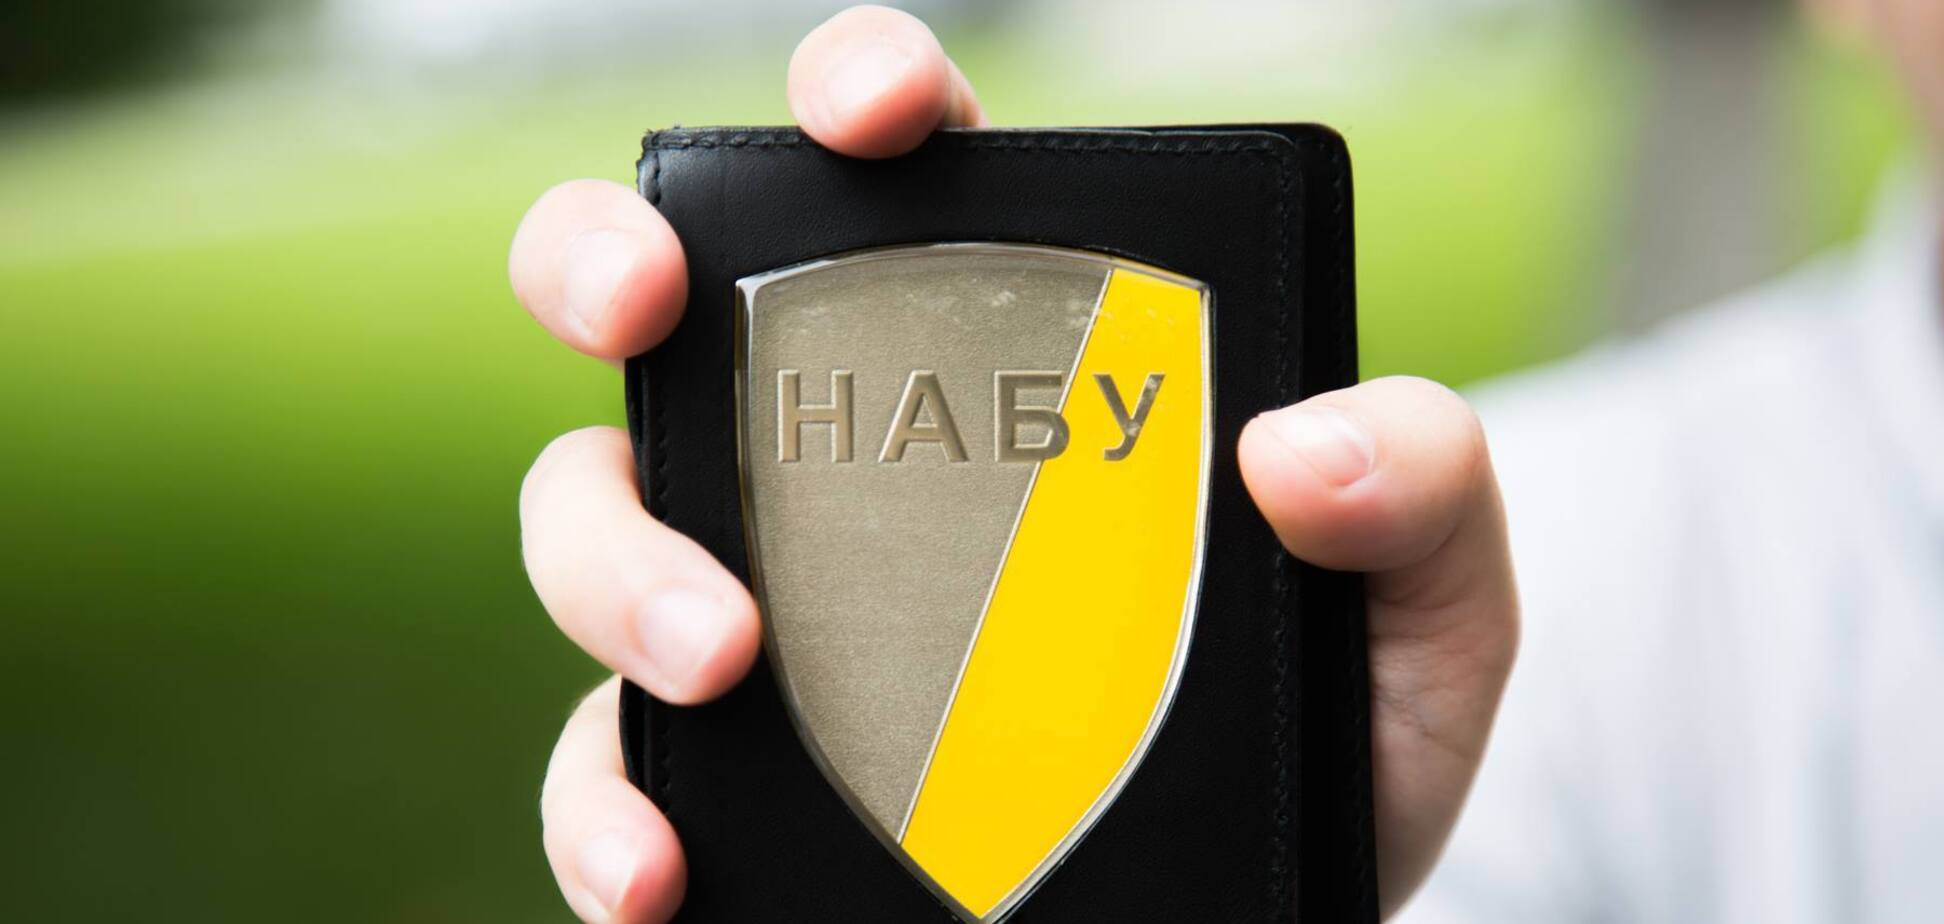 НАБУ не може змиритися із закриттям справи 'Роттердам +', вважає адвокат. Фото: 112 Україна